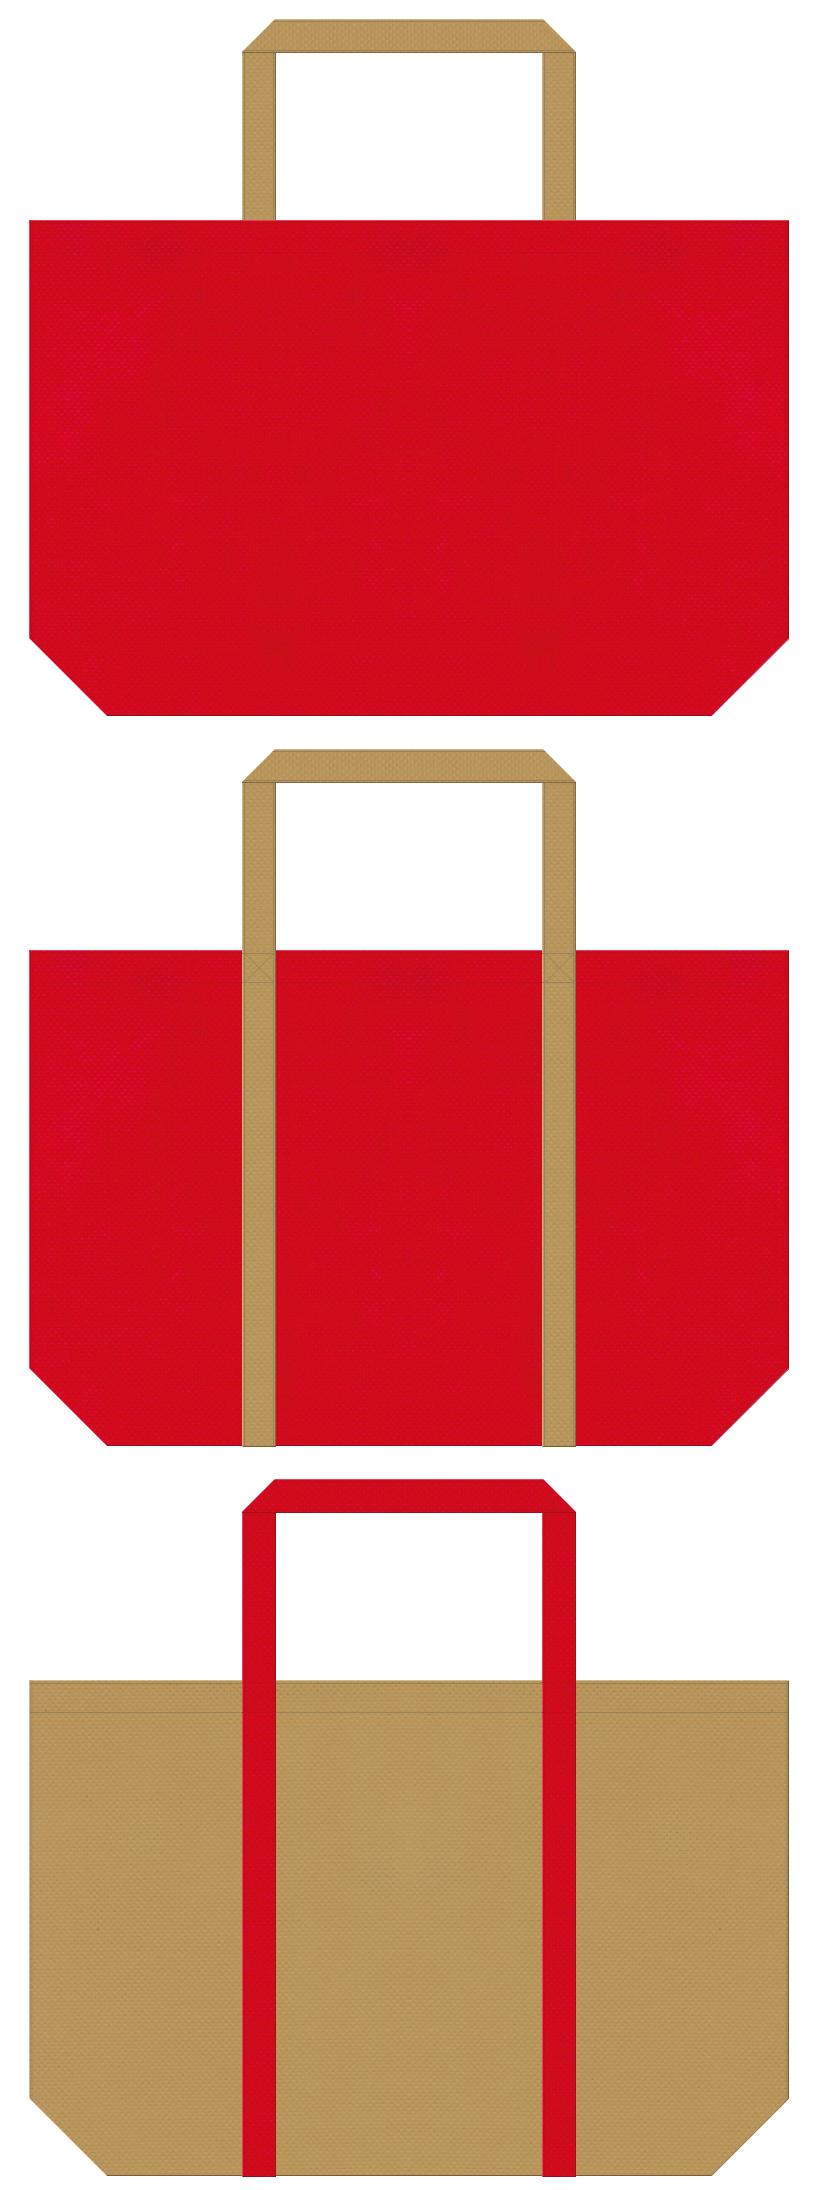 赤鬼・大豆・一合枡・御輿・お祭り・和風催事・節分セール・福袋にお奨めの不織布バッグデザイン:紅色と金黄土色のコーデ